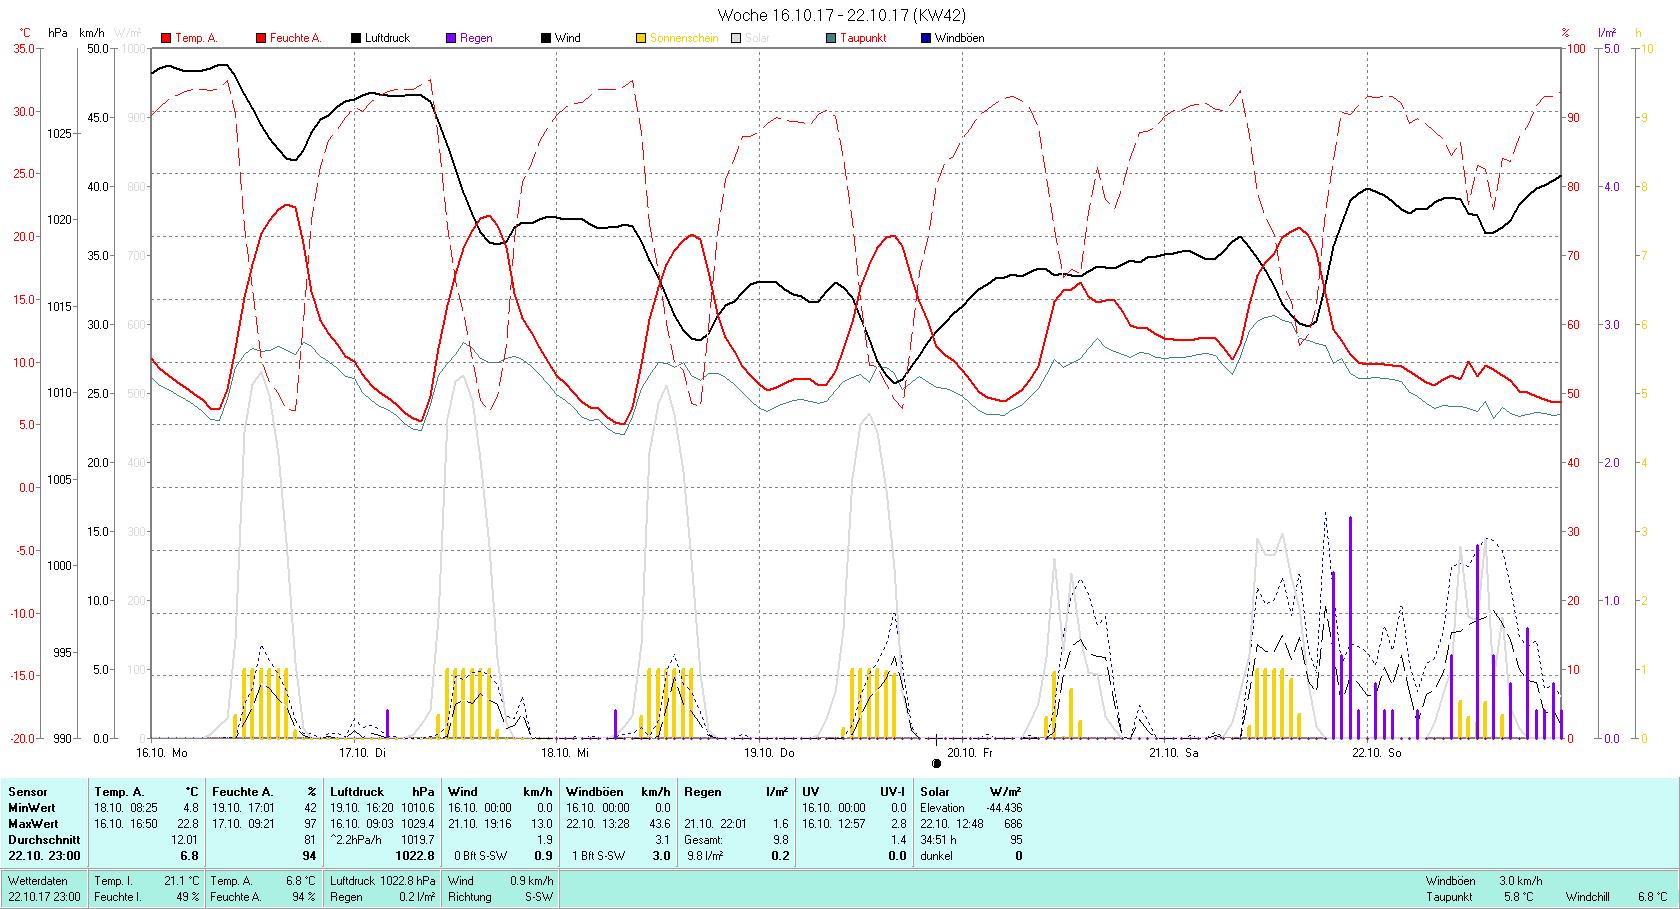 KW 42 Tmin 4.8°C, Tmax 22.8°C, Sonne 34:51 h Niederschlag 9.8 mm2